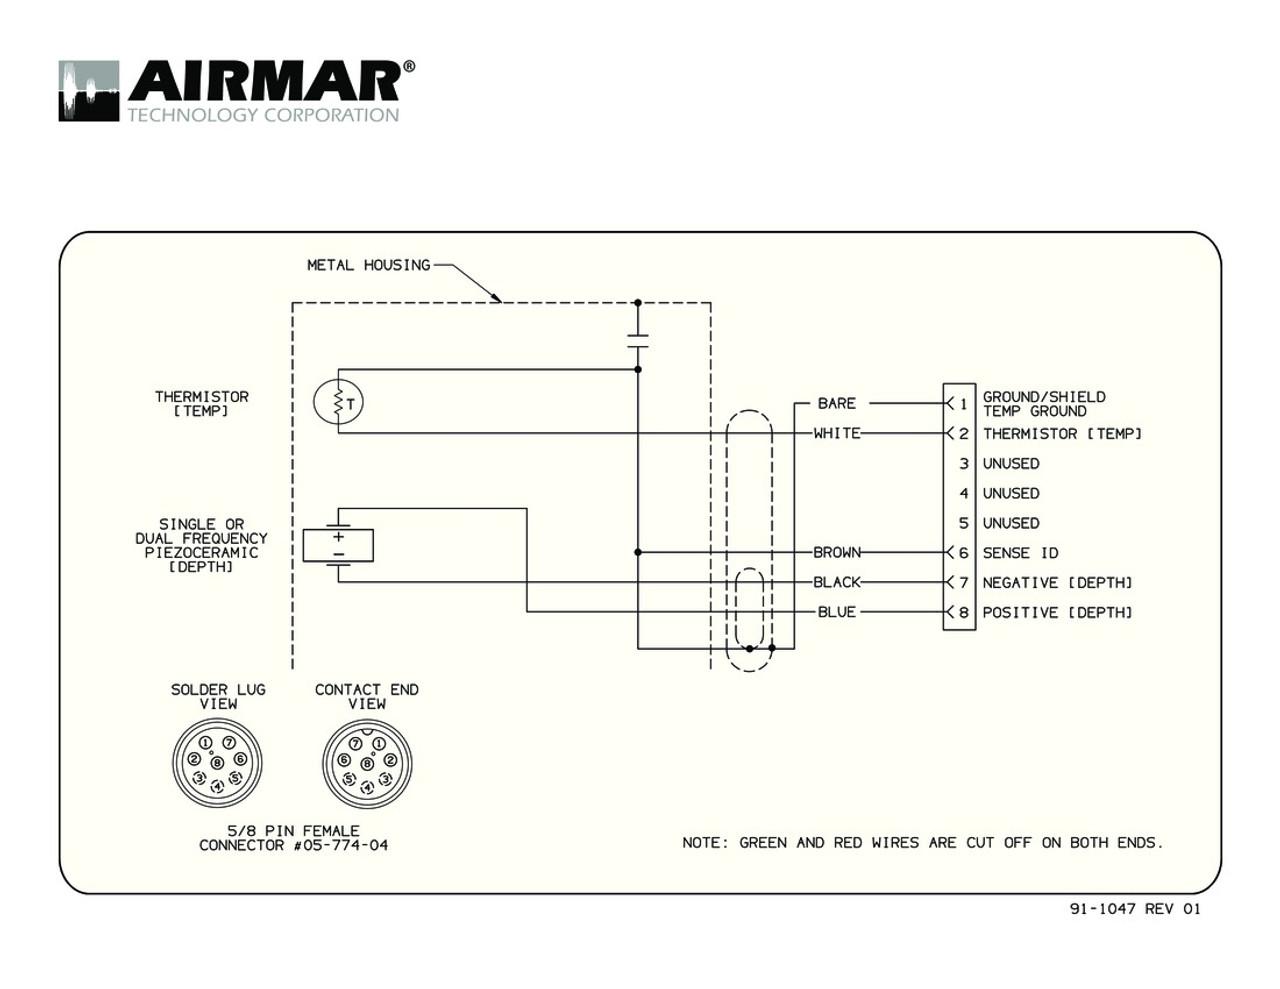 medium resolution of garmin 3205 wiring diagram wire management wiring diagram wiring diagram for garmin 3205